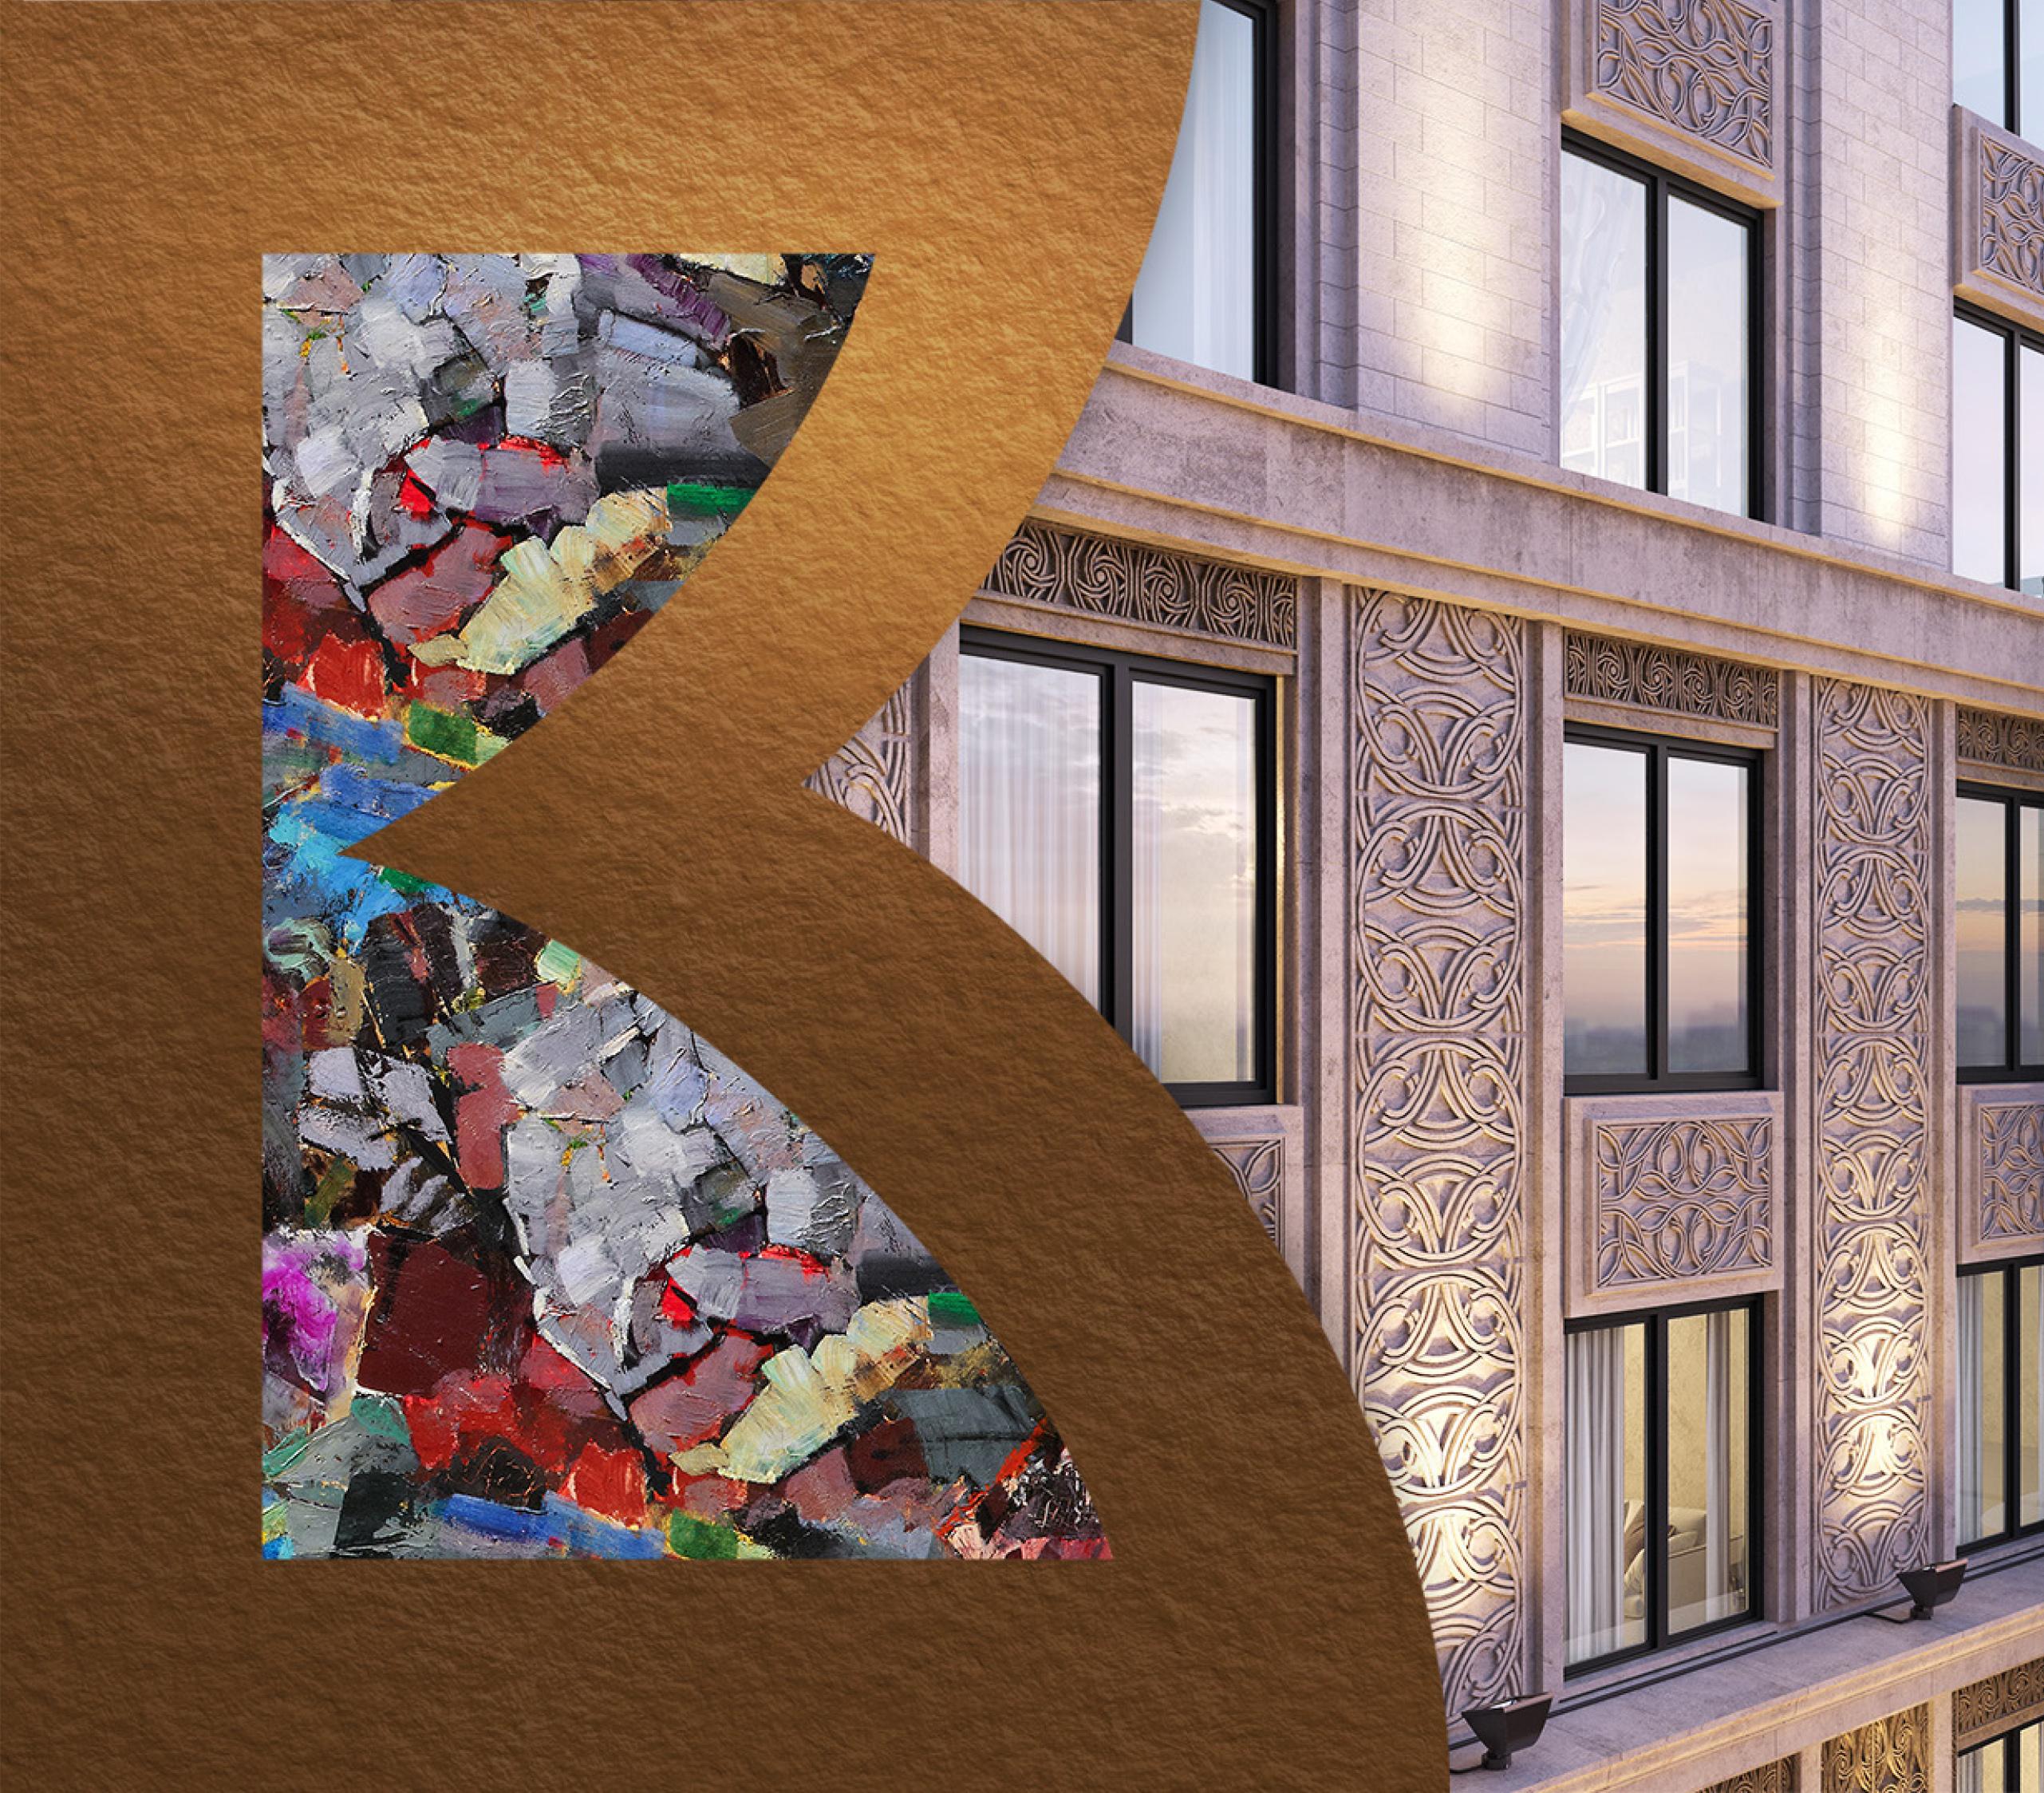 ИНТЕКО» создала проект, вдохновленный произведениями Михаила Врубеля из коллекции Третьяковской галереи | Корпоративный сайт «ИНТЕКО»